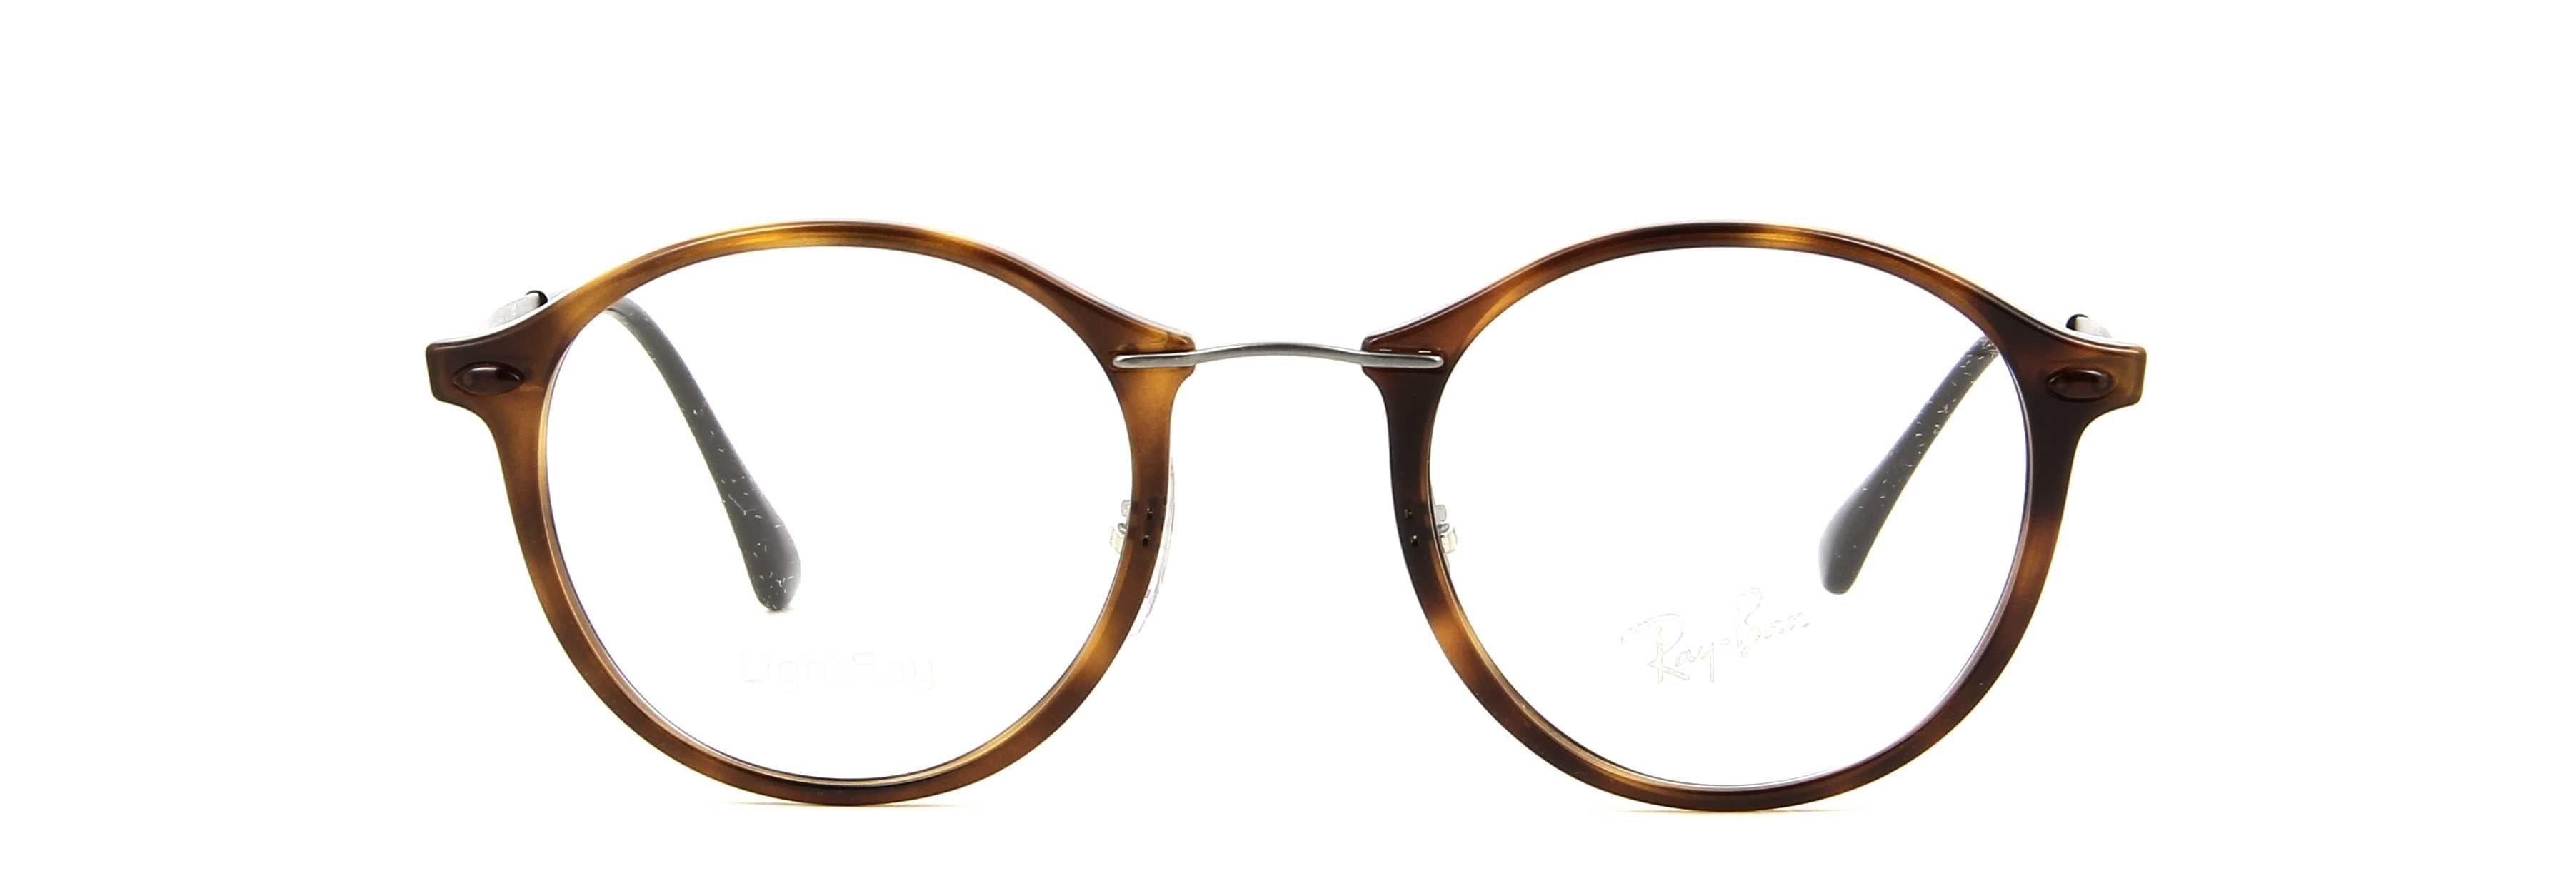 2cdda86464fbab Ray-ban rx 7073 5588 49 21   lunettes   Pinterest   Lunette de vue ...